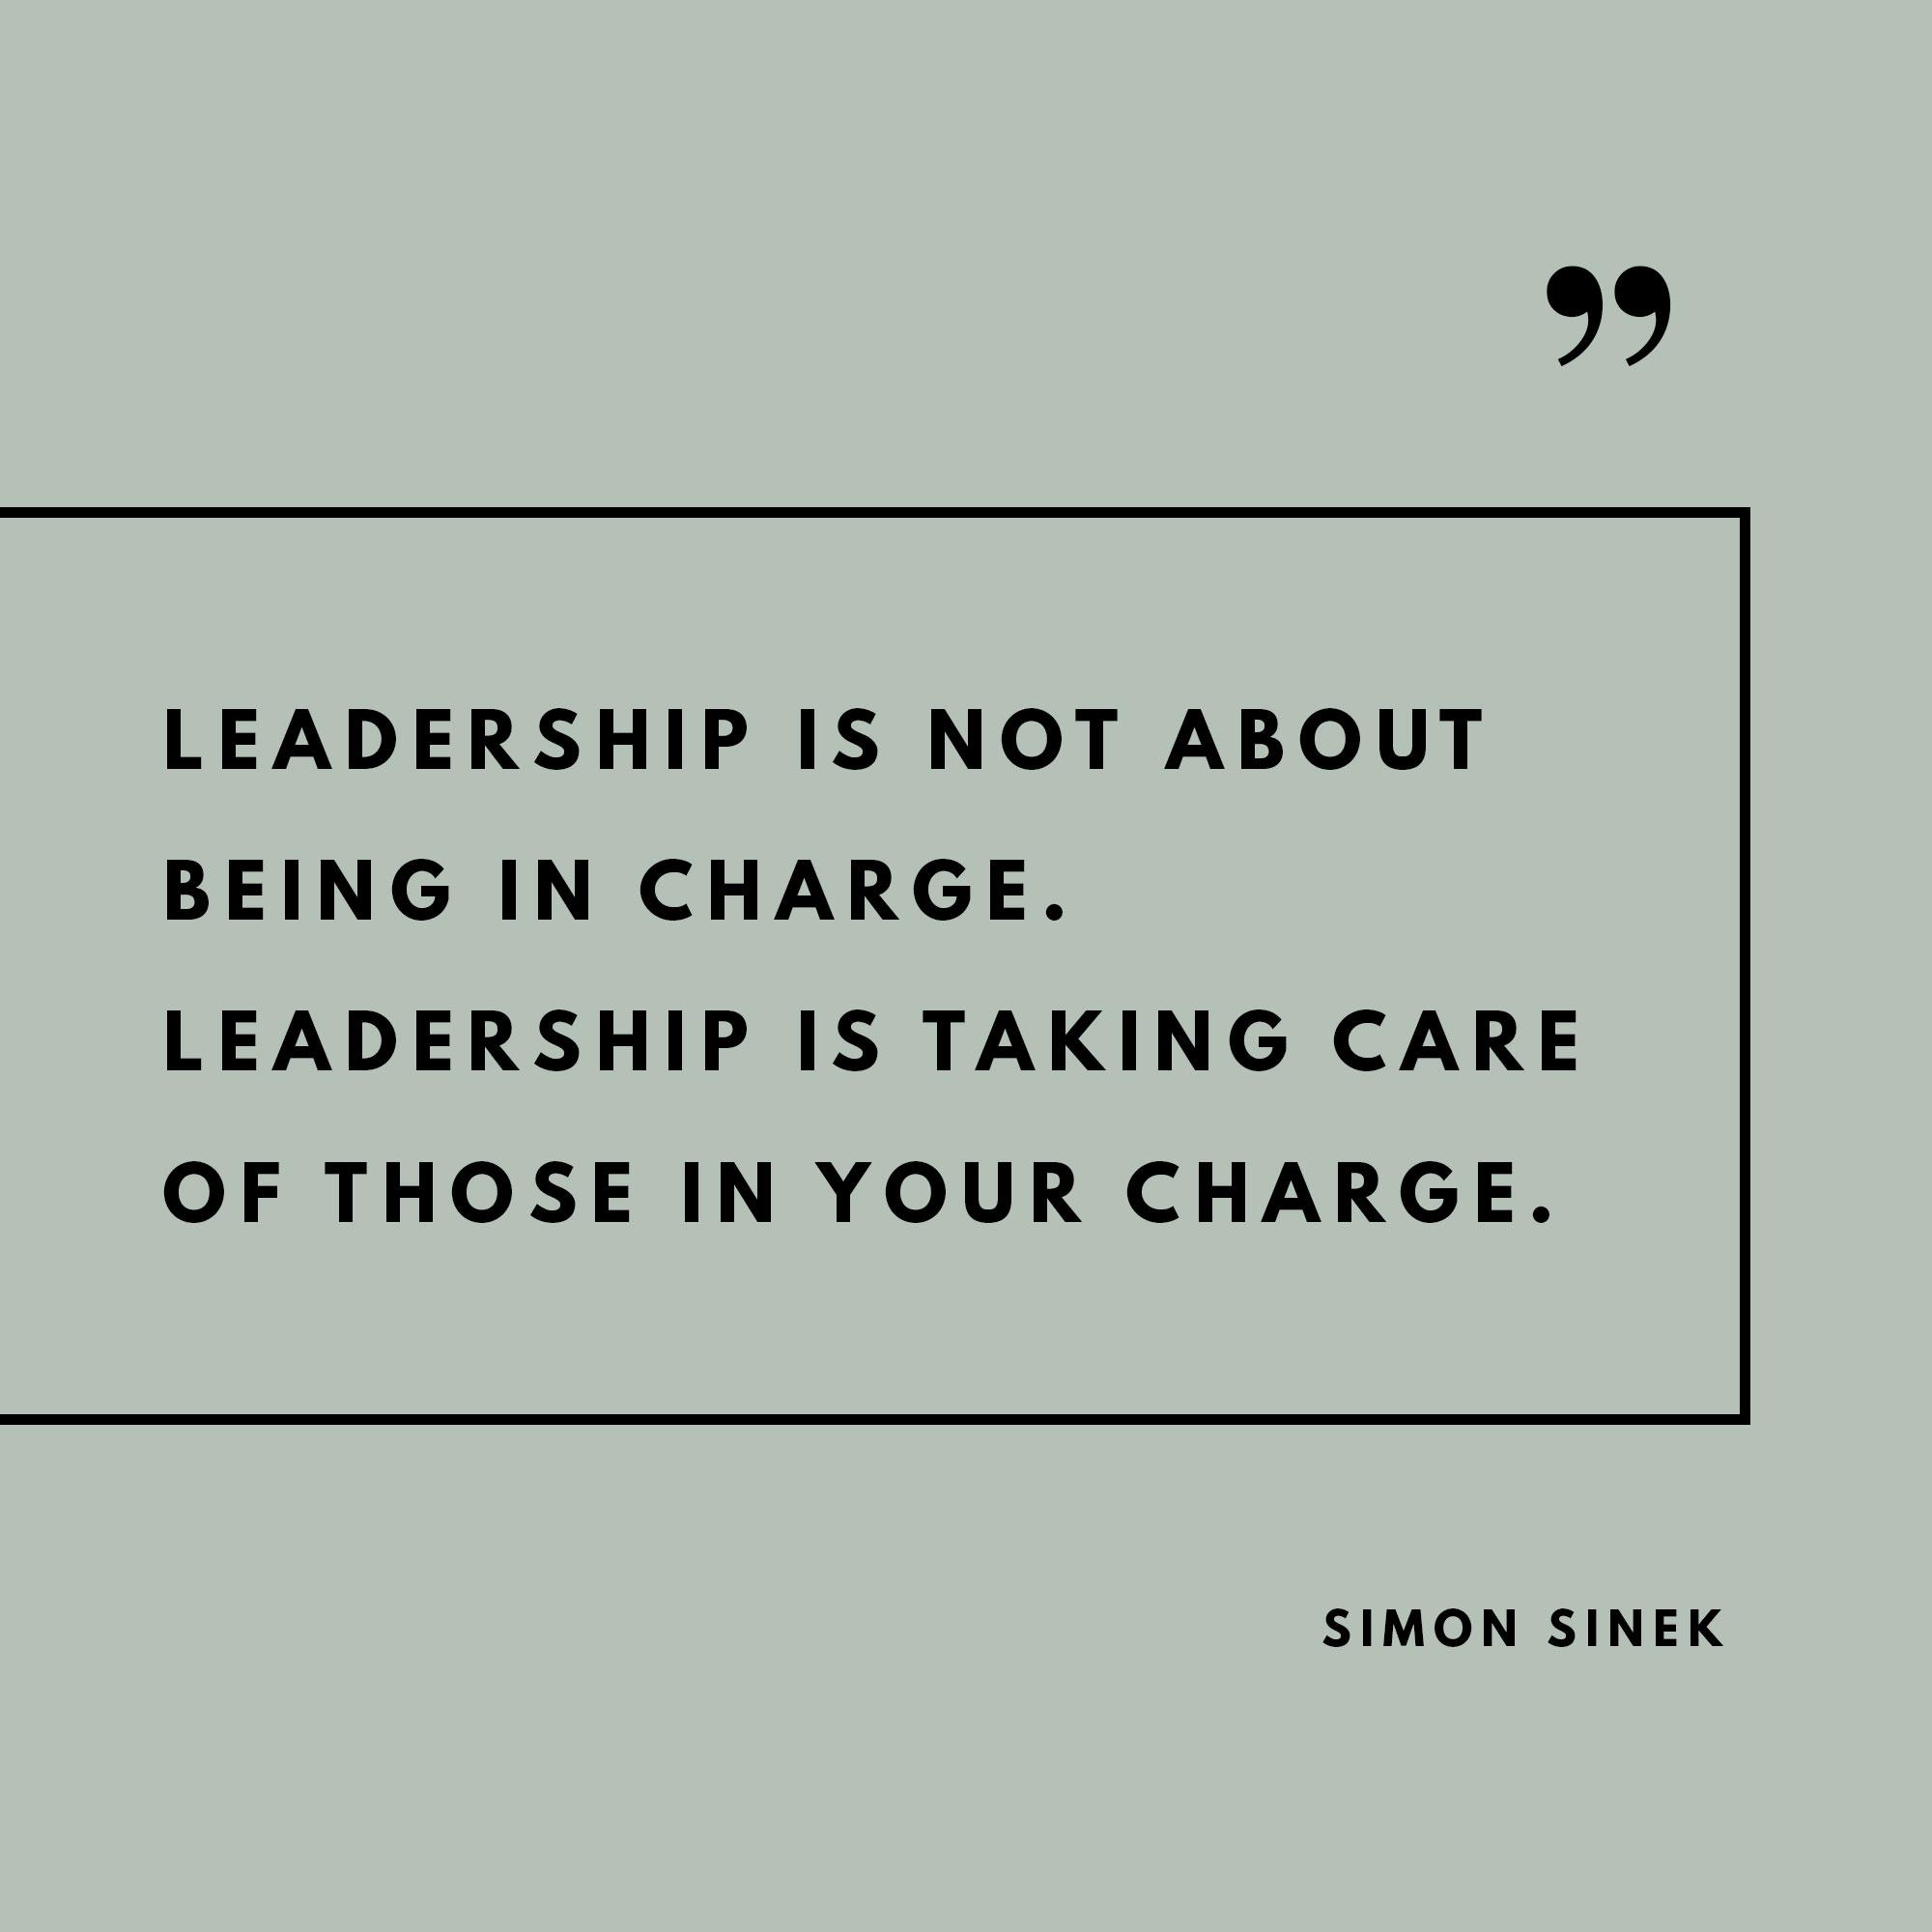 leadershipquote.jpg